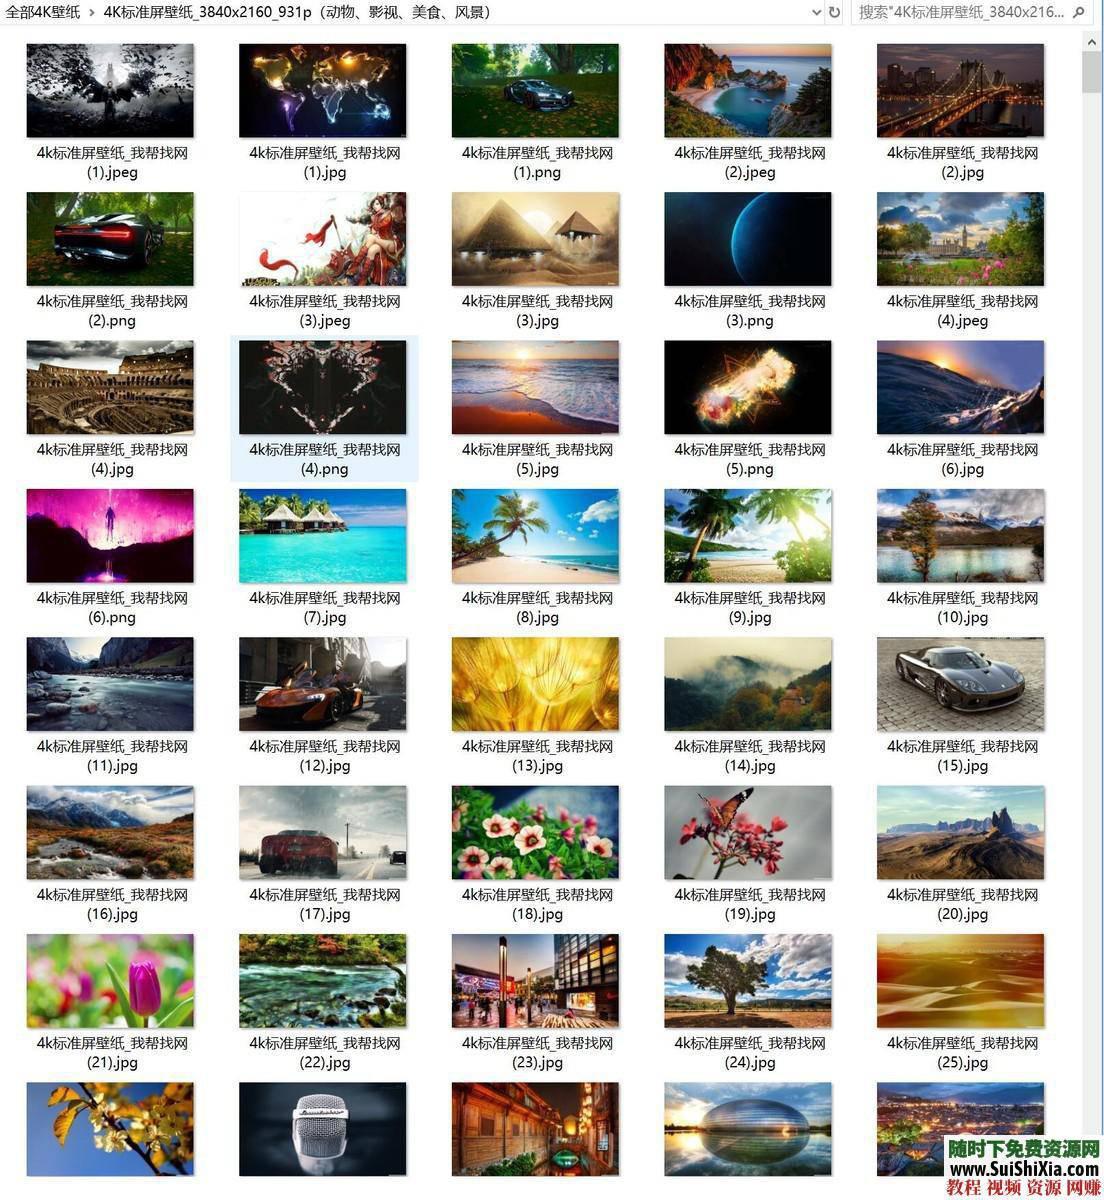 藍光超清電腦手機背景美女風景游戲精挑2K、4K壁紙、8K二次元星空影視動物  宇宙最強!精挑2K、4K壁紙、8K藍光超清電腦手機背景美女風景游戲二次元星空影視動物 美女圖片 第39張